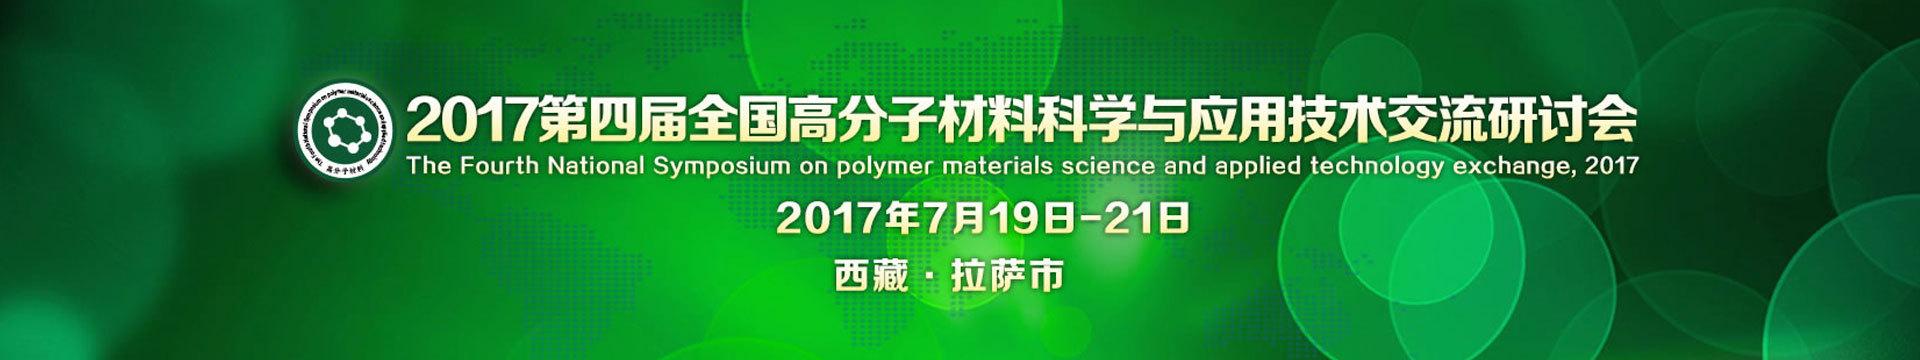 2017第四届全国高分子材料科学与应用技术交流研讨会